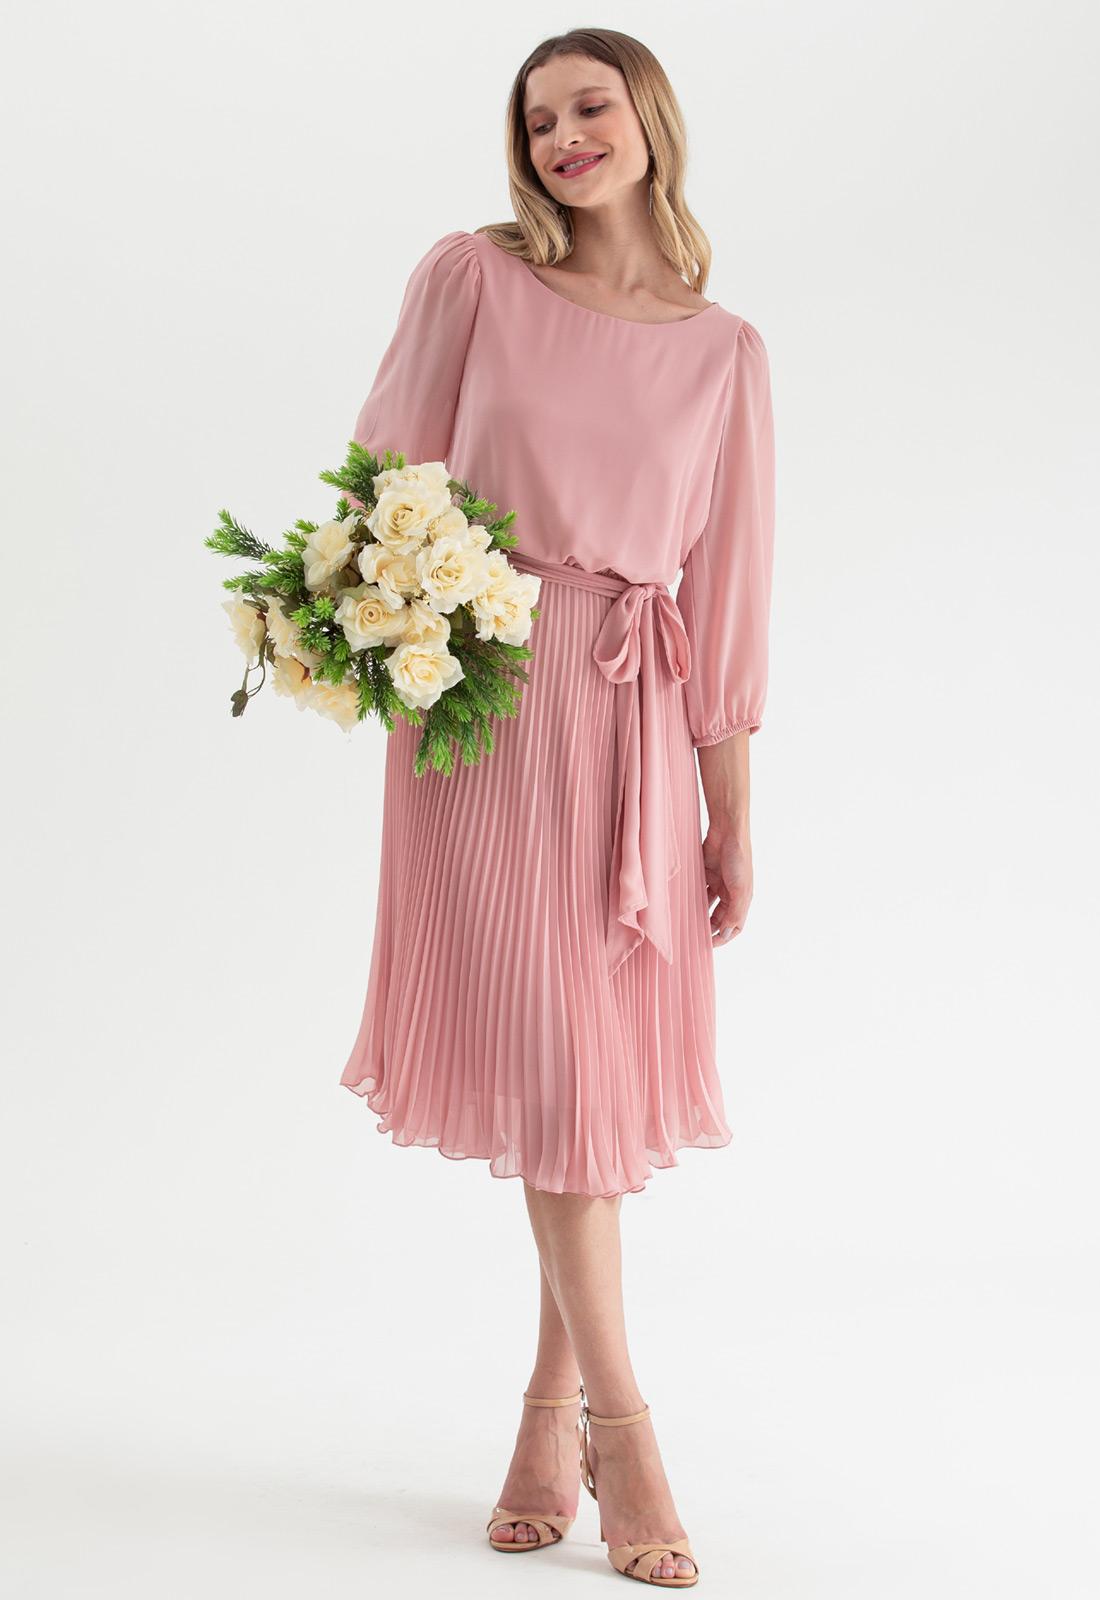 Vestido de madrinha plissado rosê rosa Ref. 2583